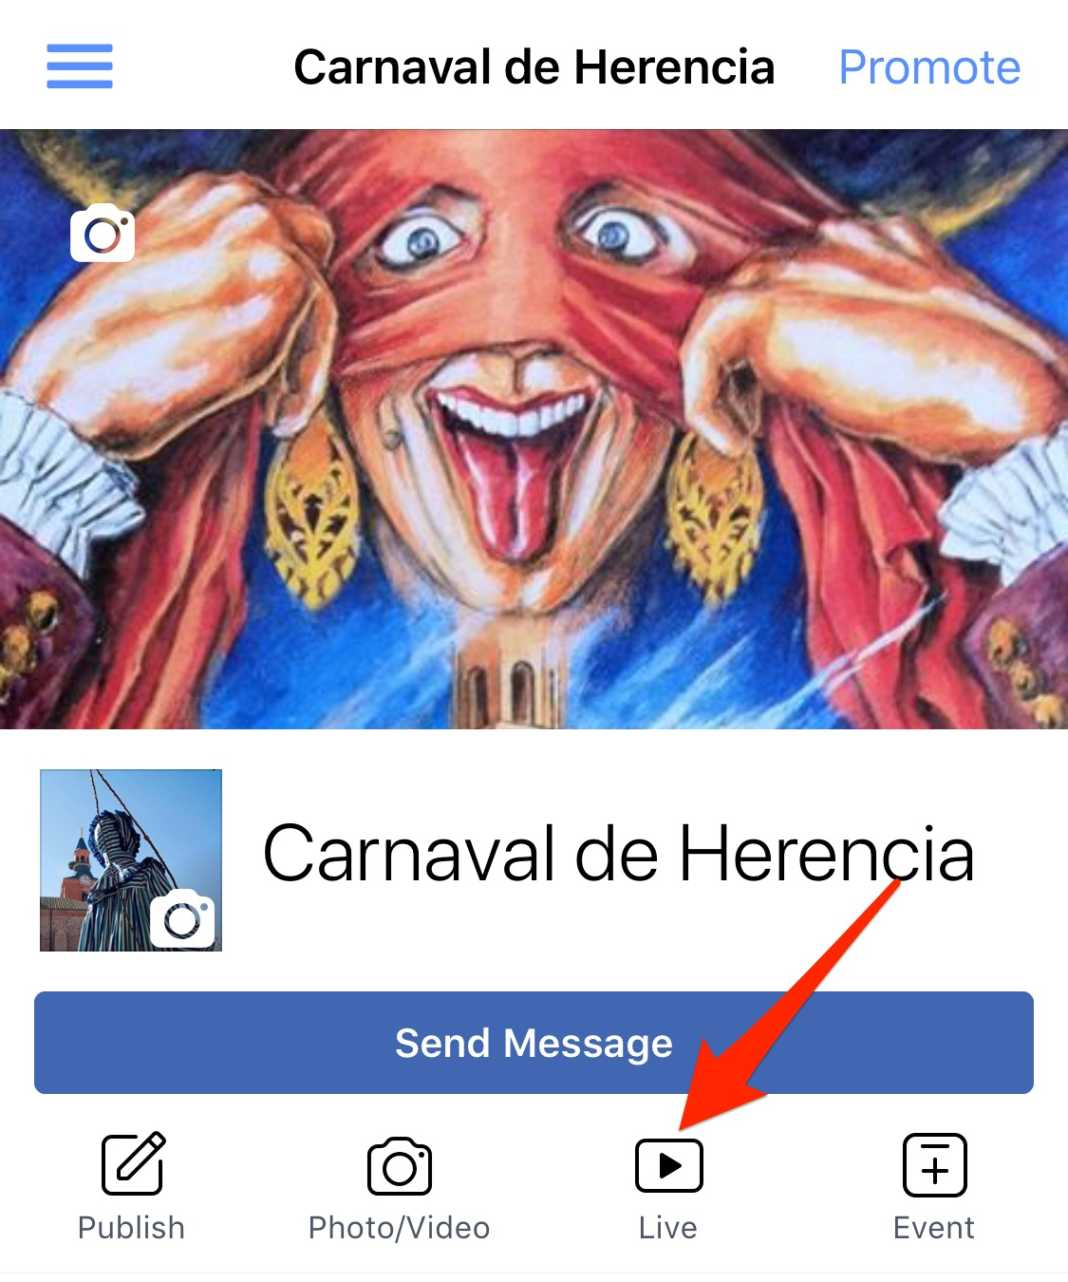 Inauguración del Carnaval de Herencia 2018 en directo 7